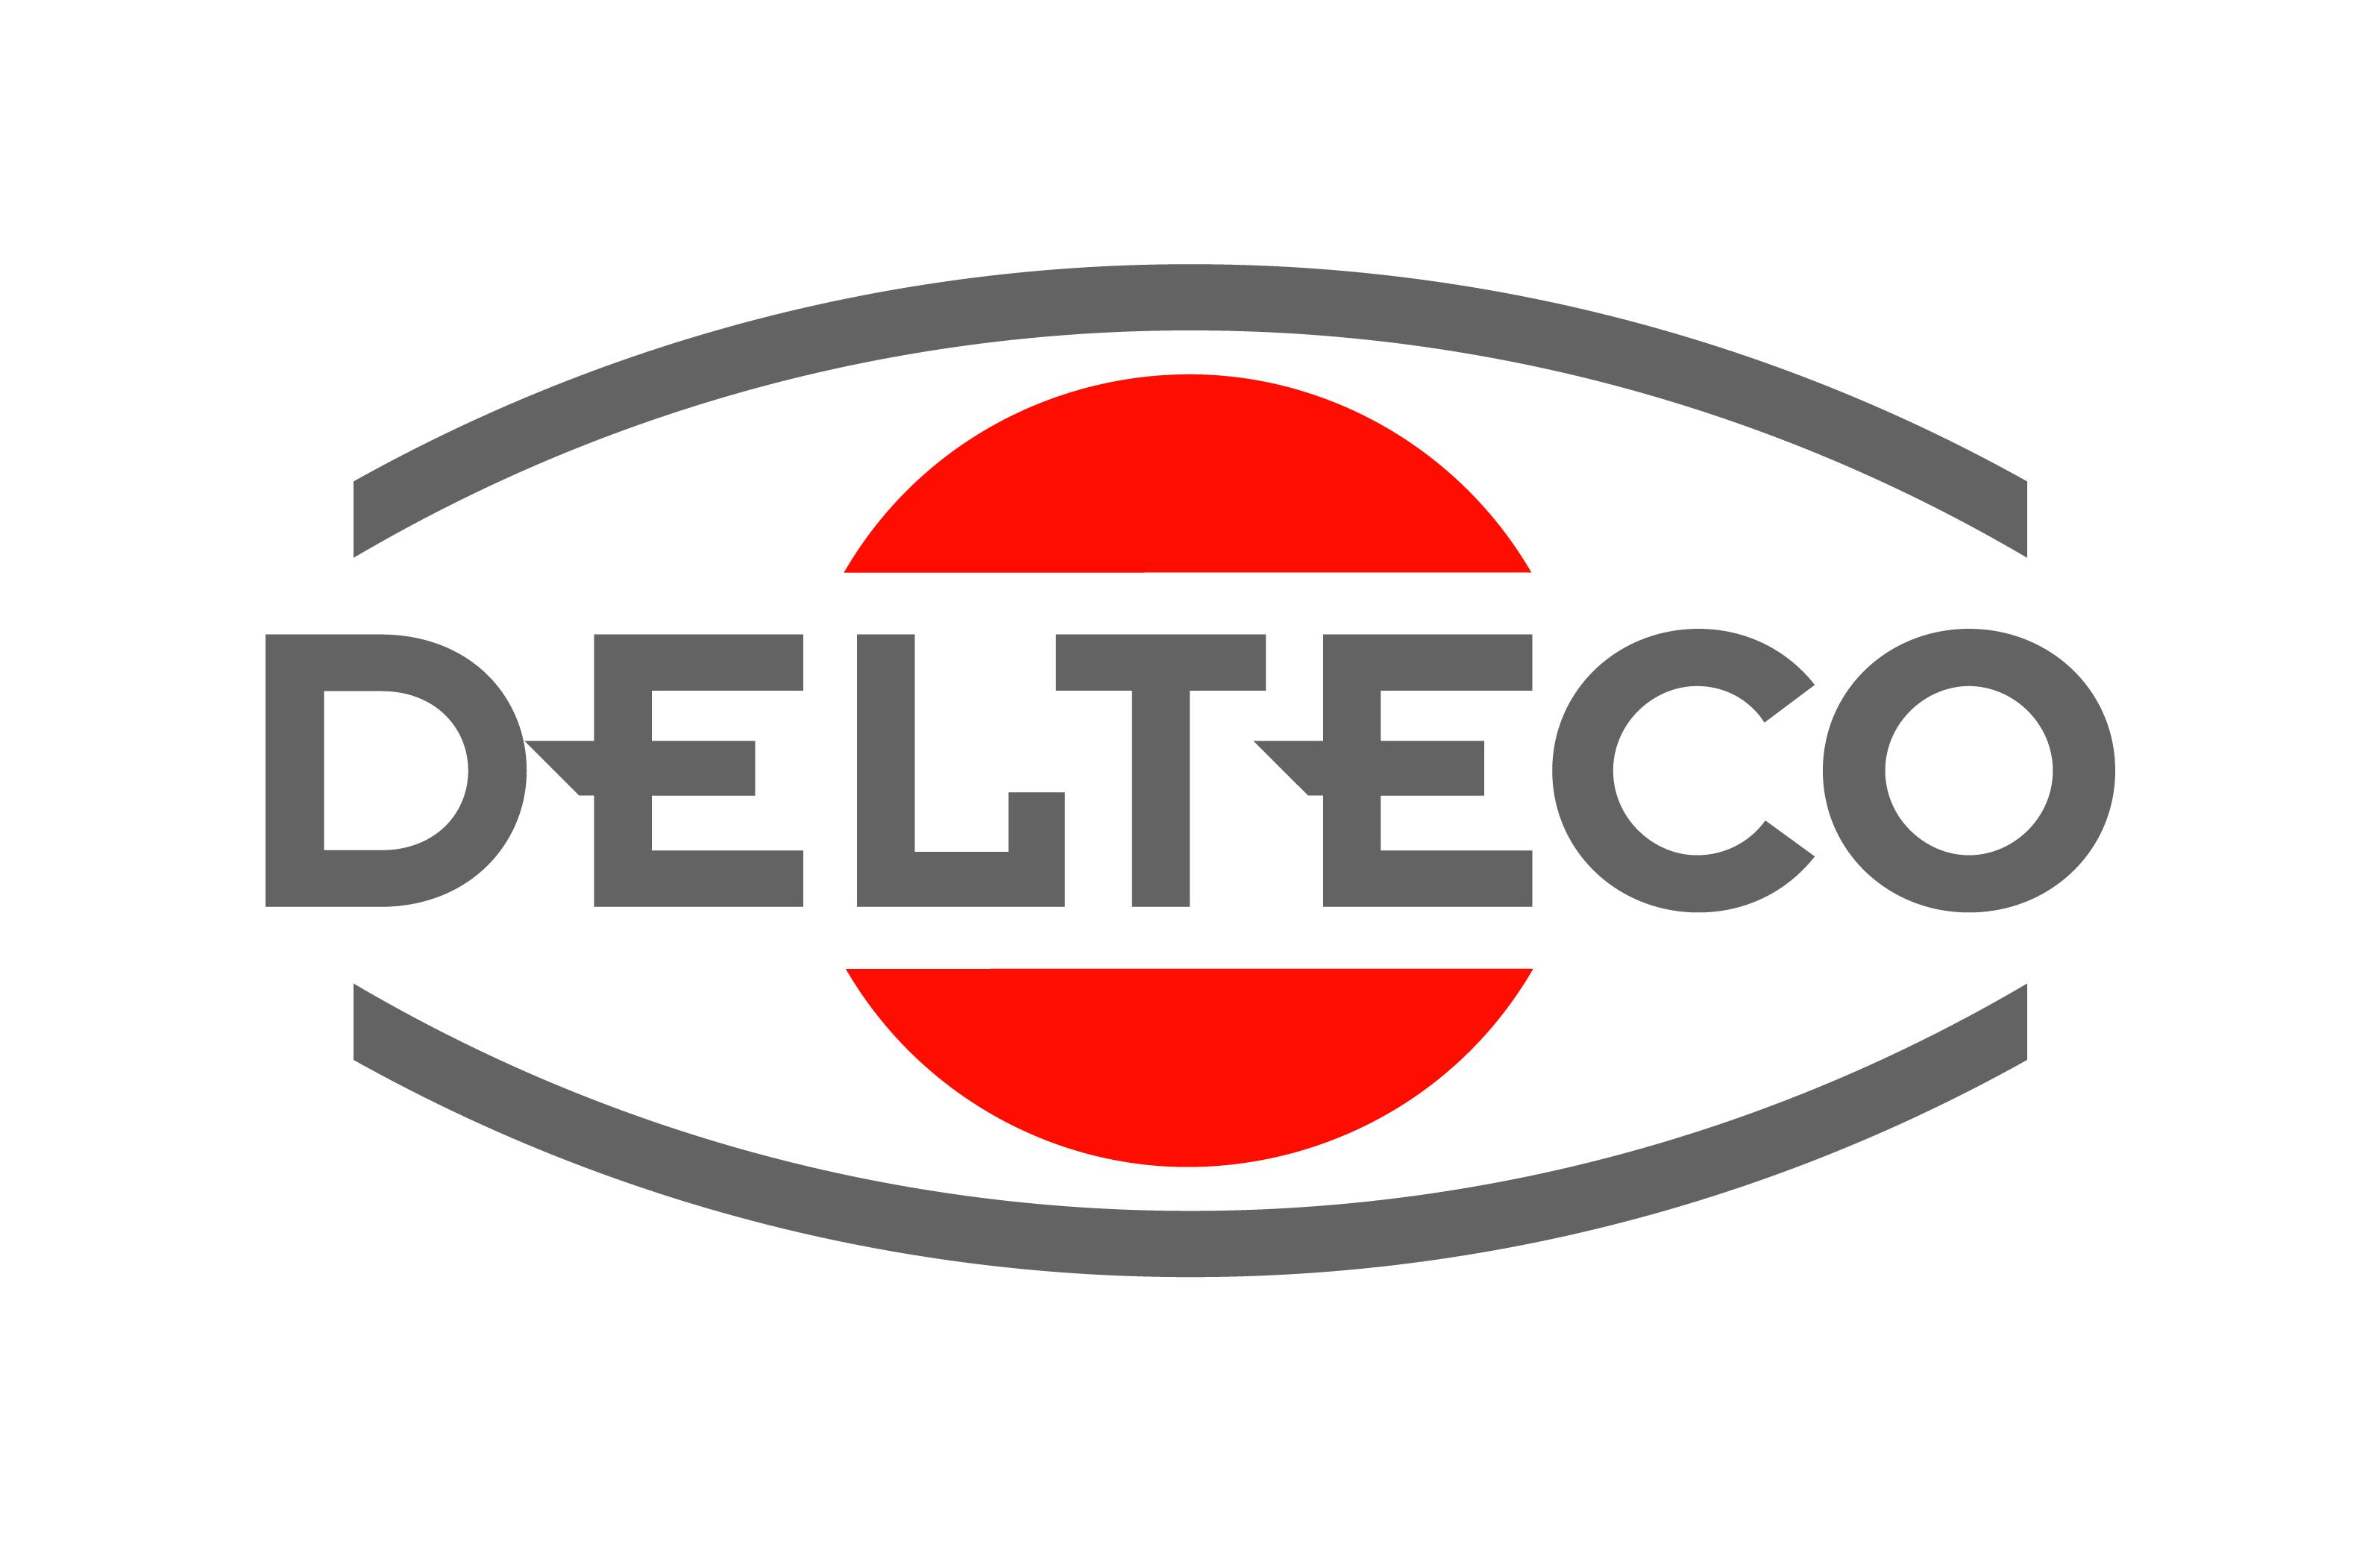 DELTECO